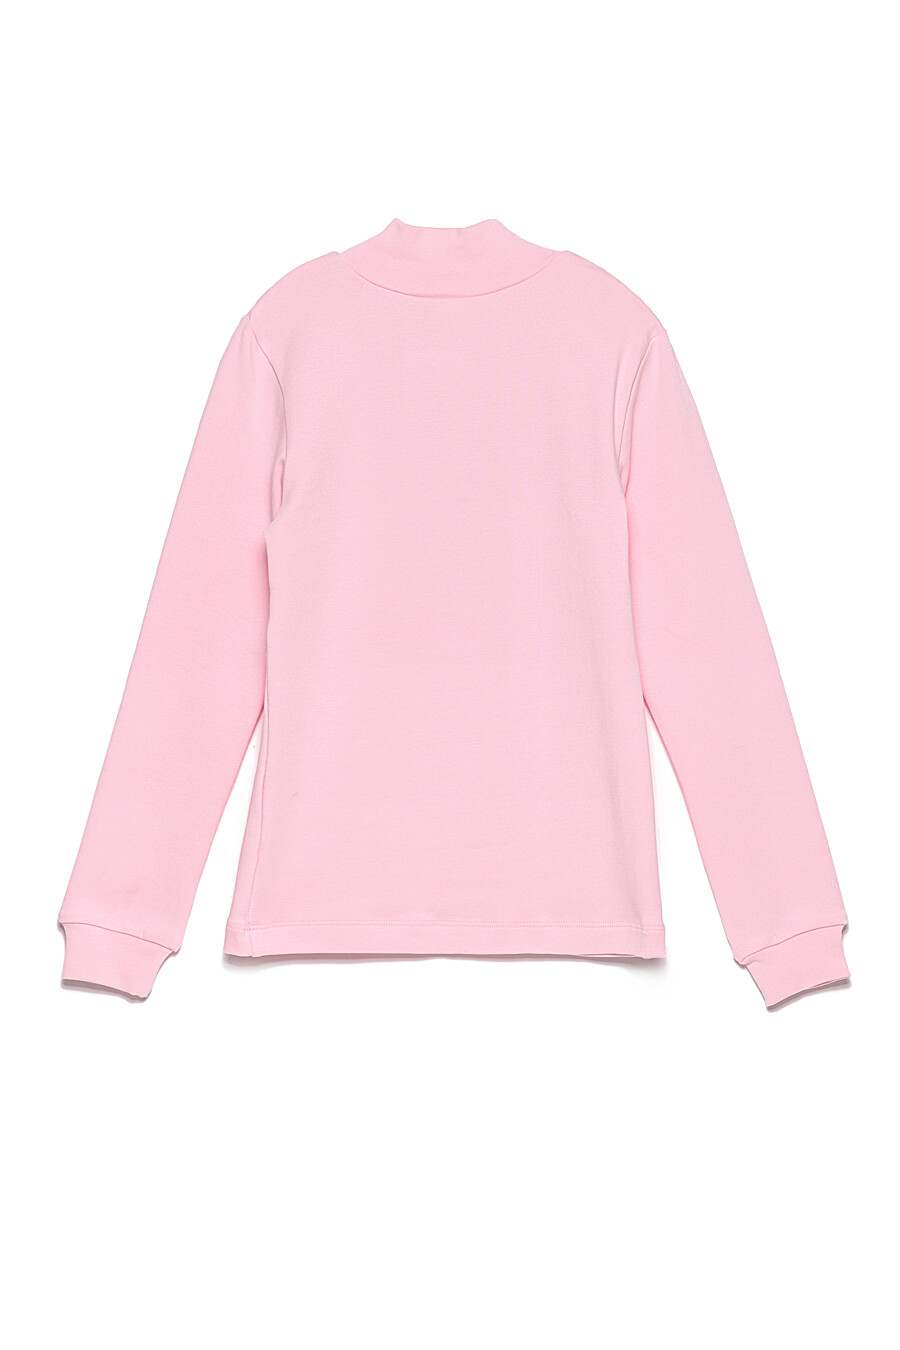 Джемпер для девочек CONTE ELEGANT 148716 купить оптом от производителя. Совместная покупка детской одежды в OptMoyo